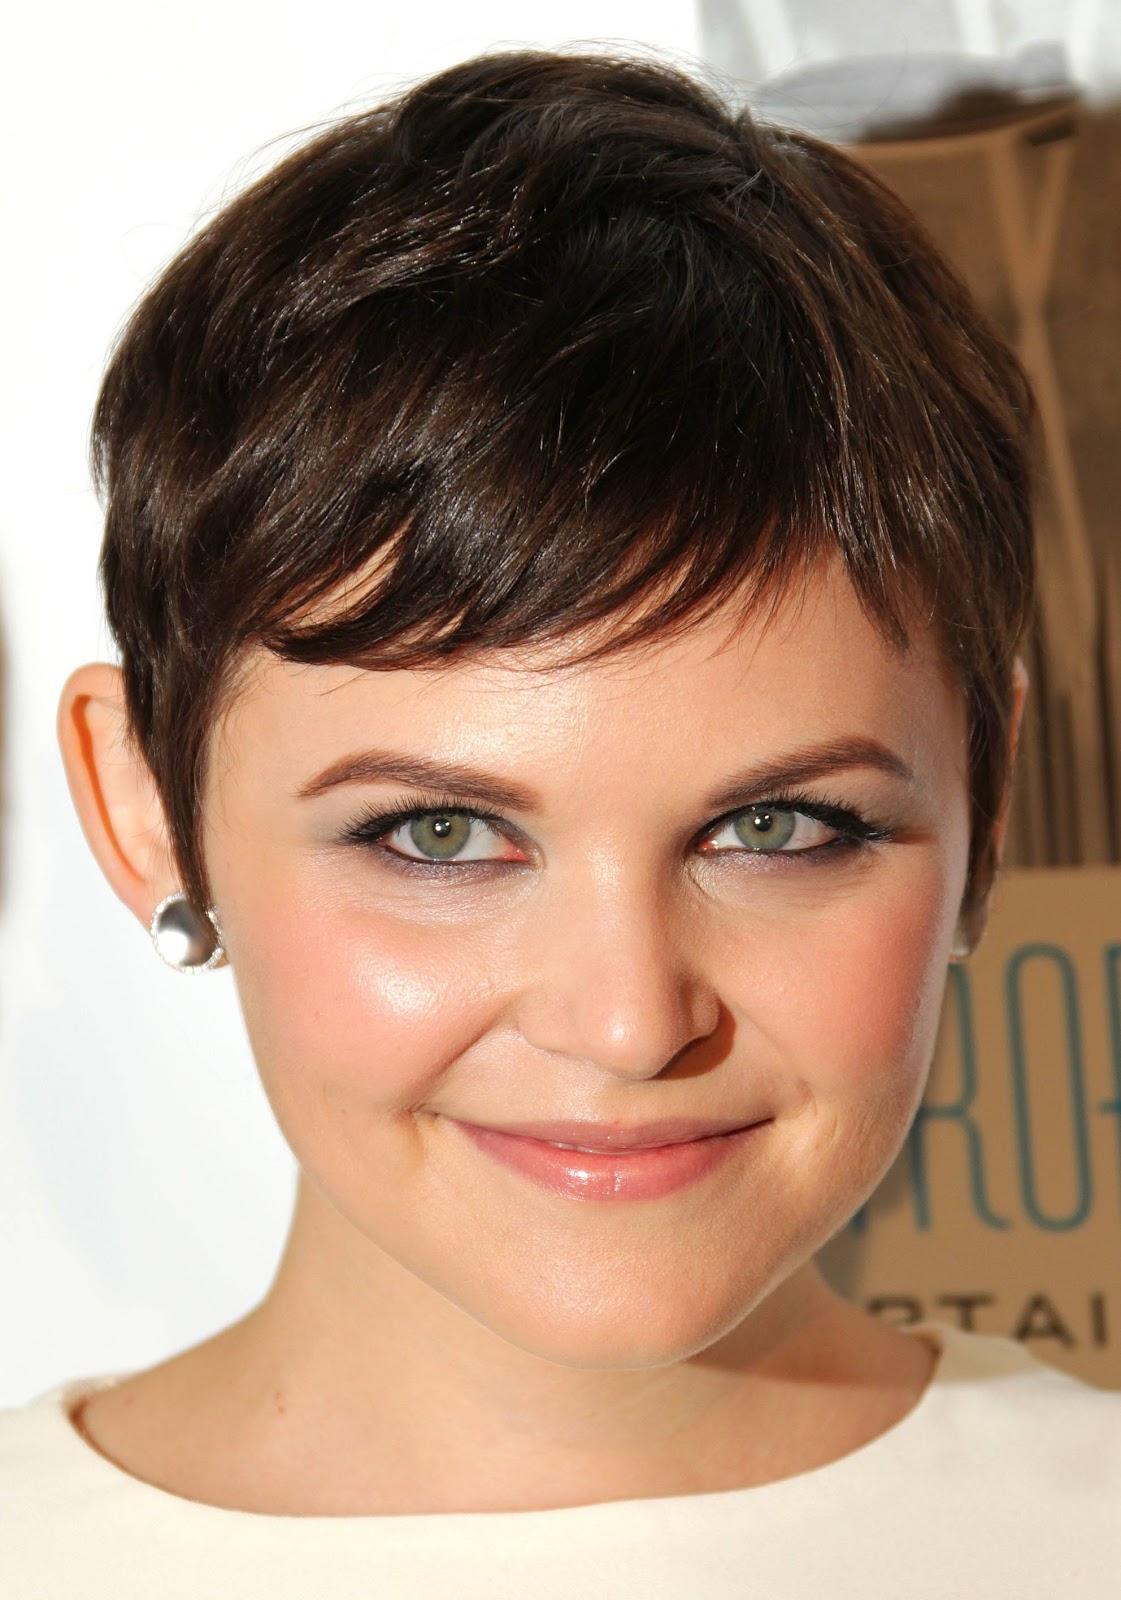 http://4.bp.blogspot.com/-sxyDfpIElC4/TvOB2JY5nzI/AAAAAAAAIGg/CBMCTPQsgx4/s1600/ginnifer-goodwin-pixie-haircut.jpg